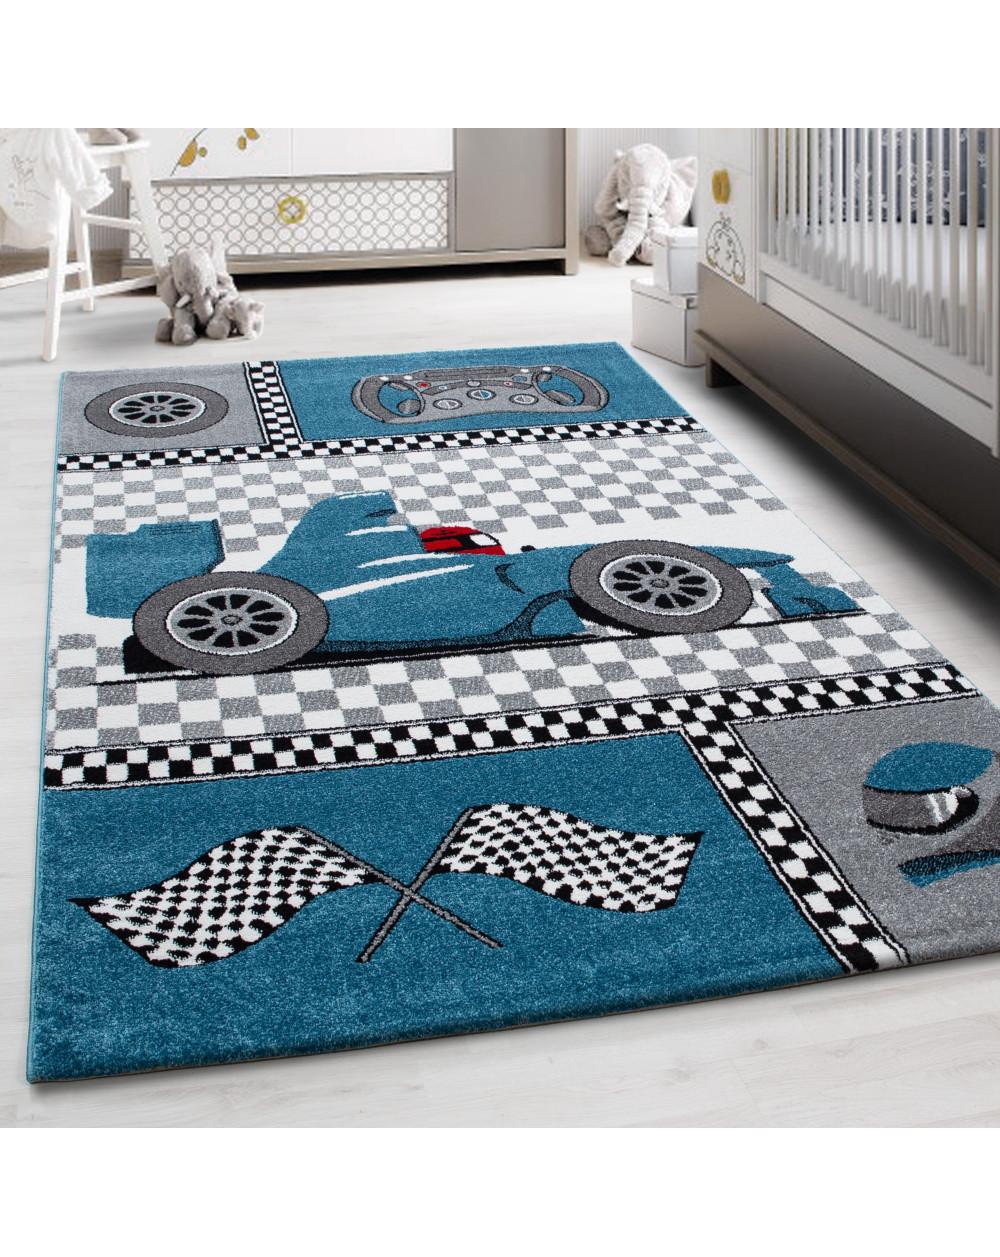 Kinderteppich Kinderzimmer Rennwagen Formel 1 Muster Blau Grau Weiß Schwarz  Größe 80x150 cm